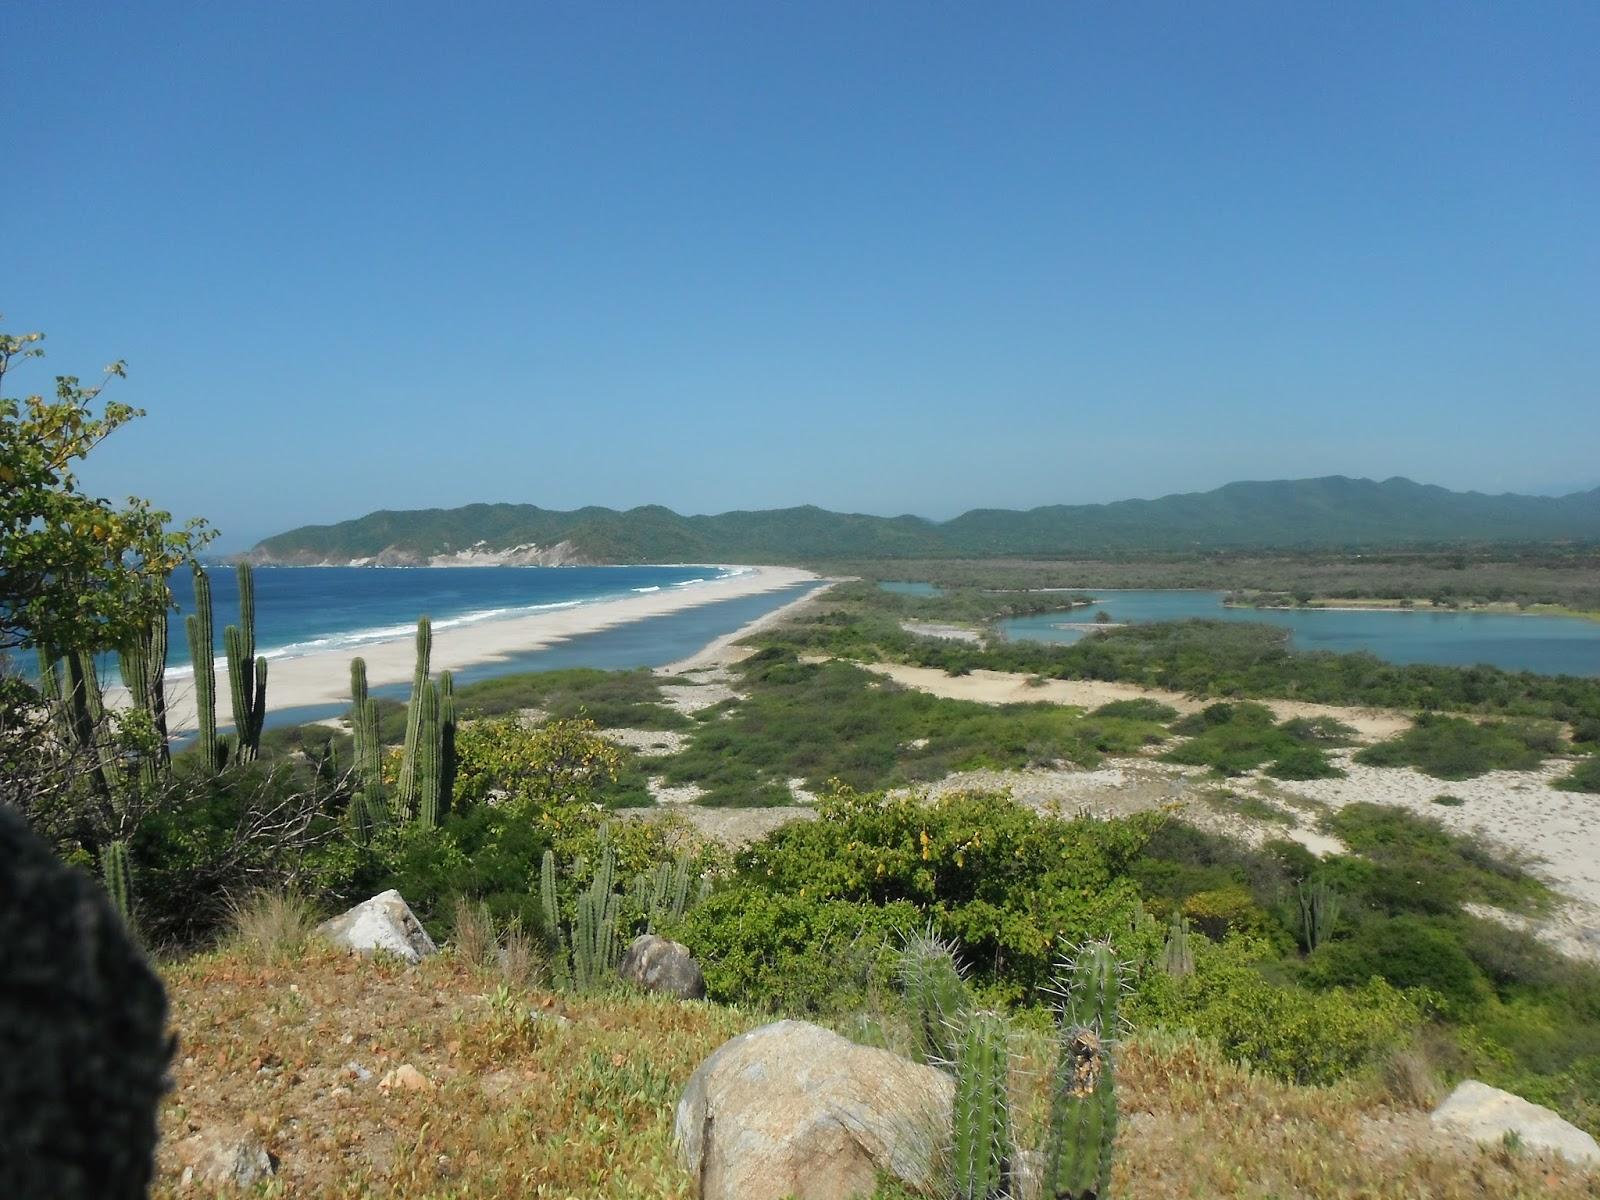 Ecoturismo m xico la bamba oaxaca for En zacatecas hay playa